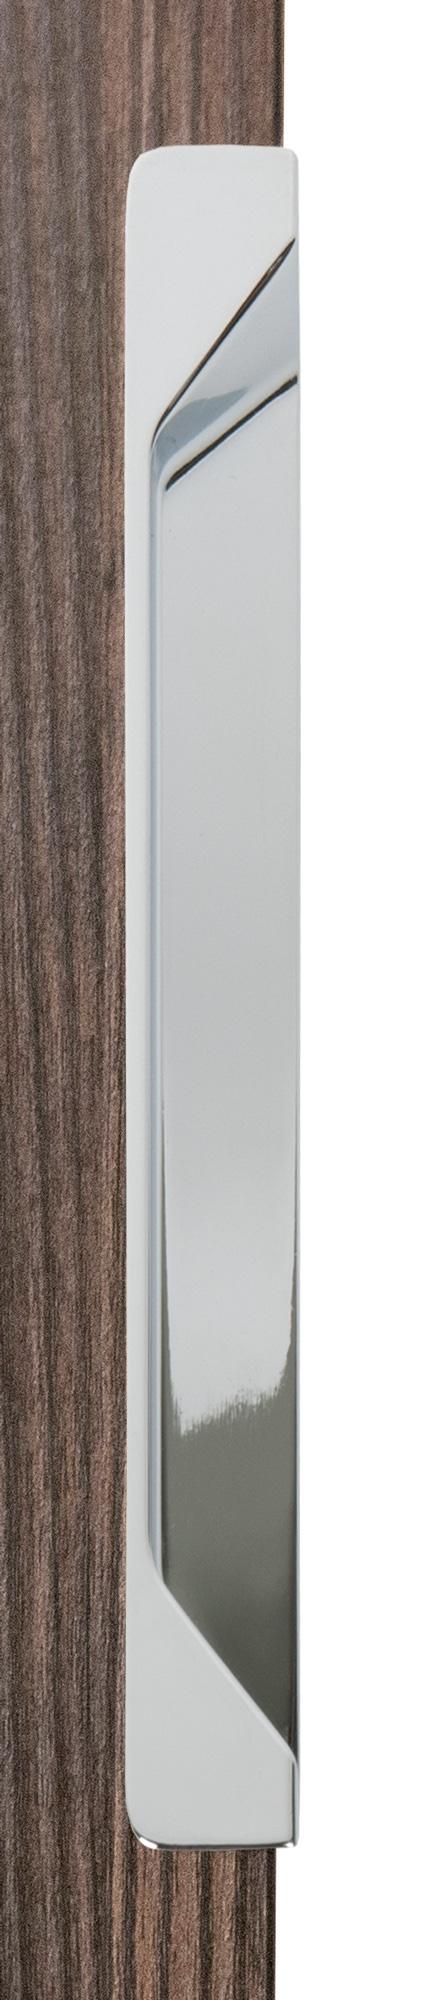 Ручка врезная мебельная, L 200мм хром